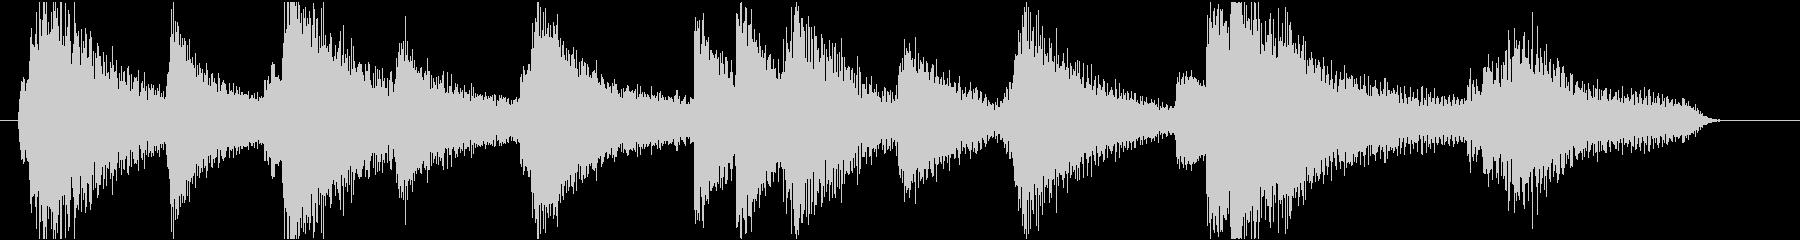 ムードあるピアノのジングル1(12秒)の未再生の波形